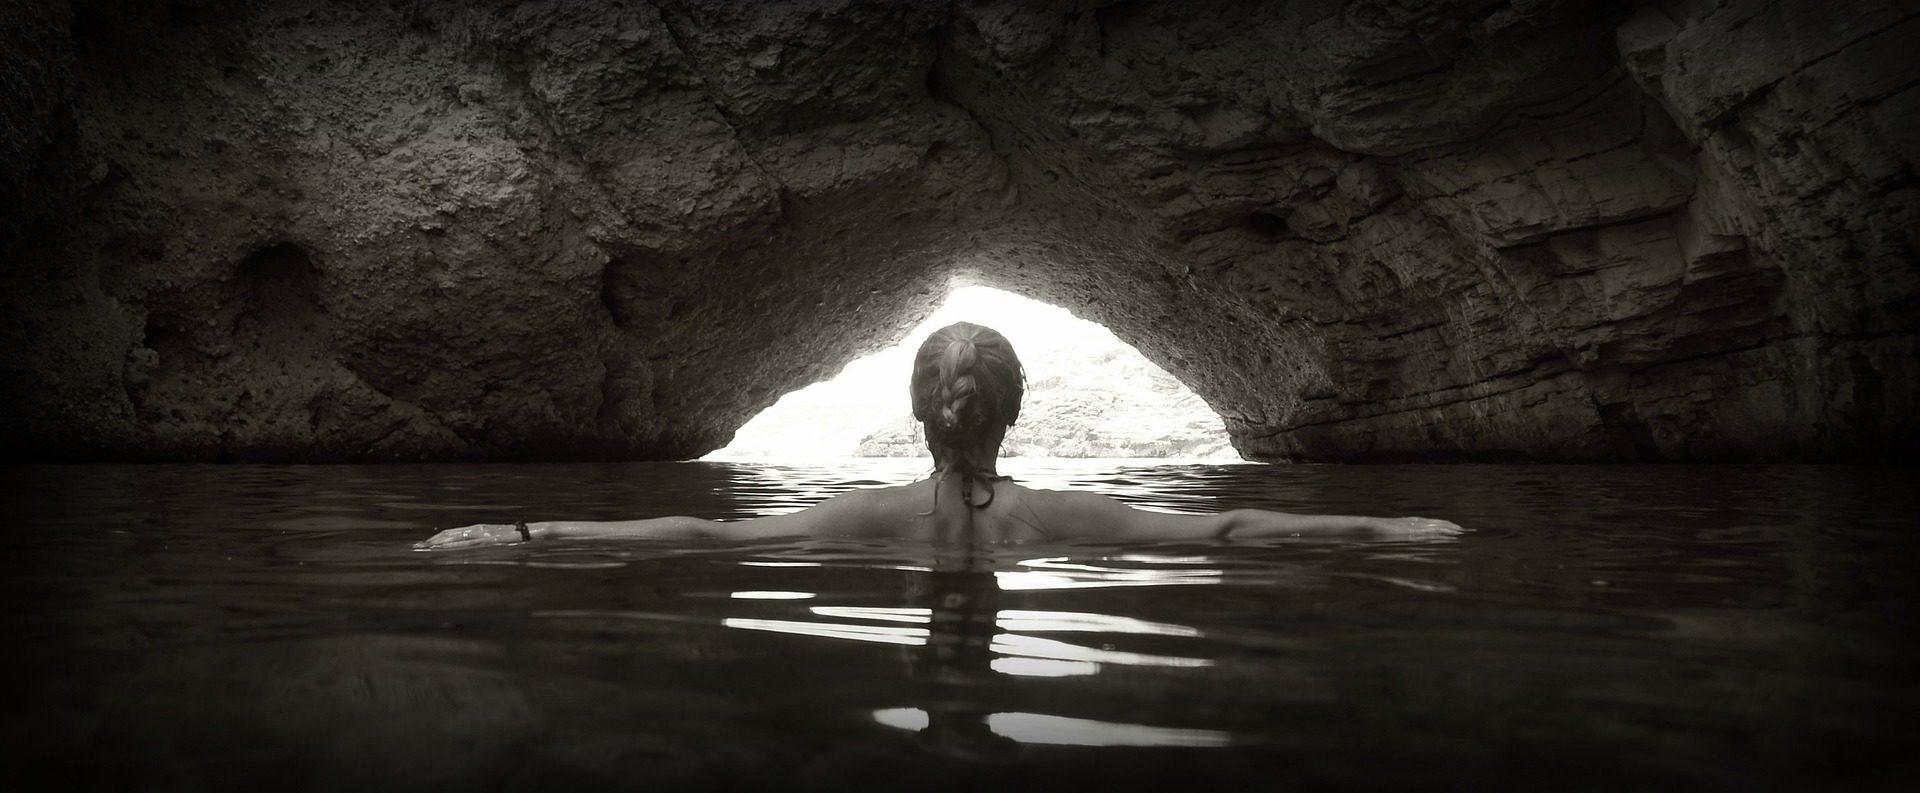 امرأة, المياه, حمام, الكهف, الجوف, الضوء, البحر - خلفيات عالية الدقة - أستاذ falken.com